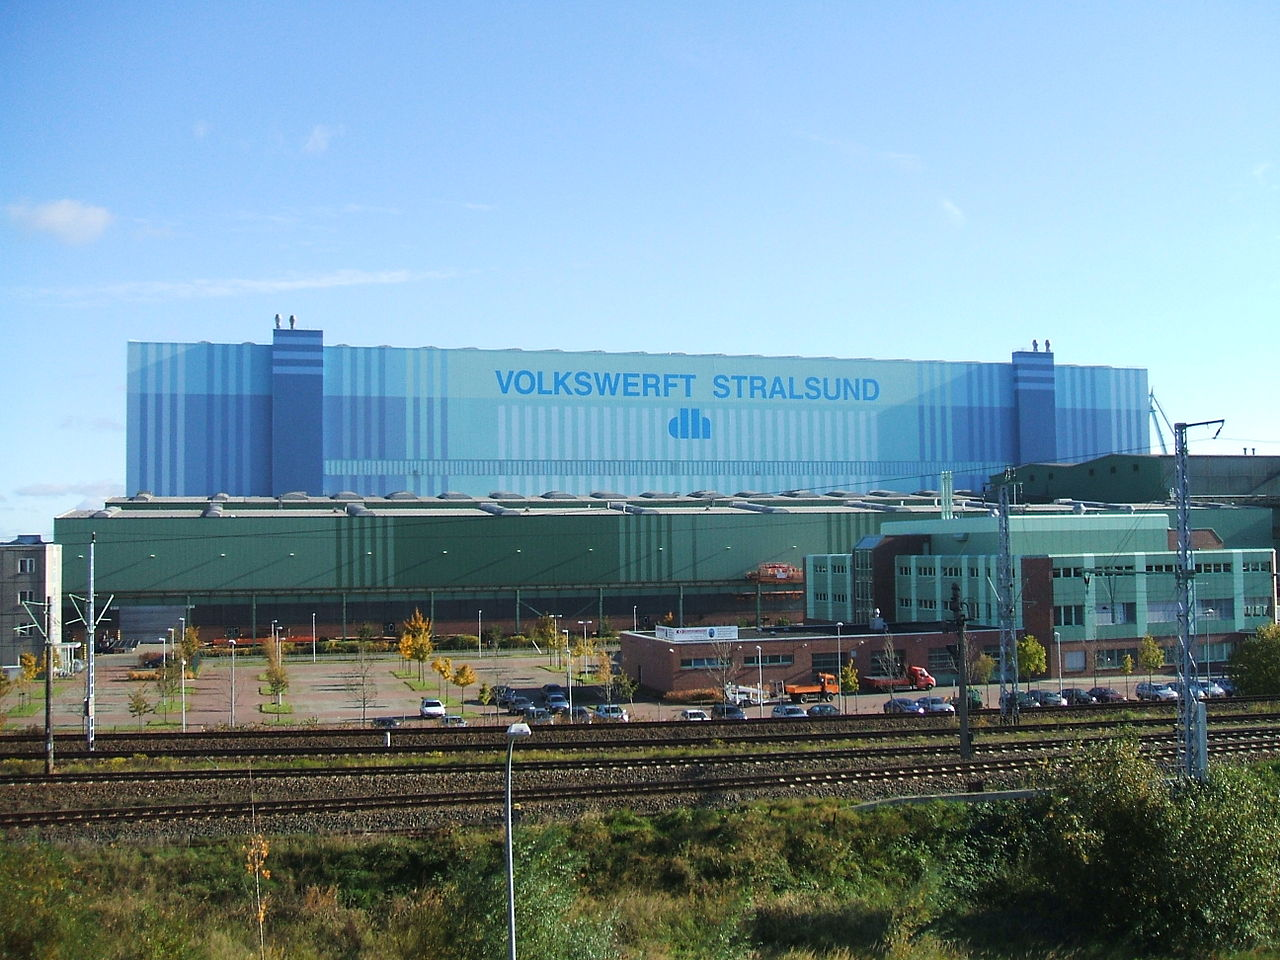 Bild Volkswerft Stralsund